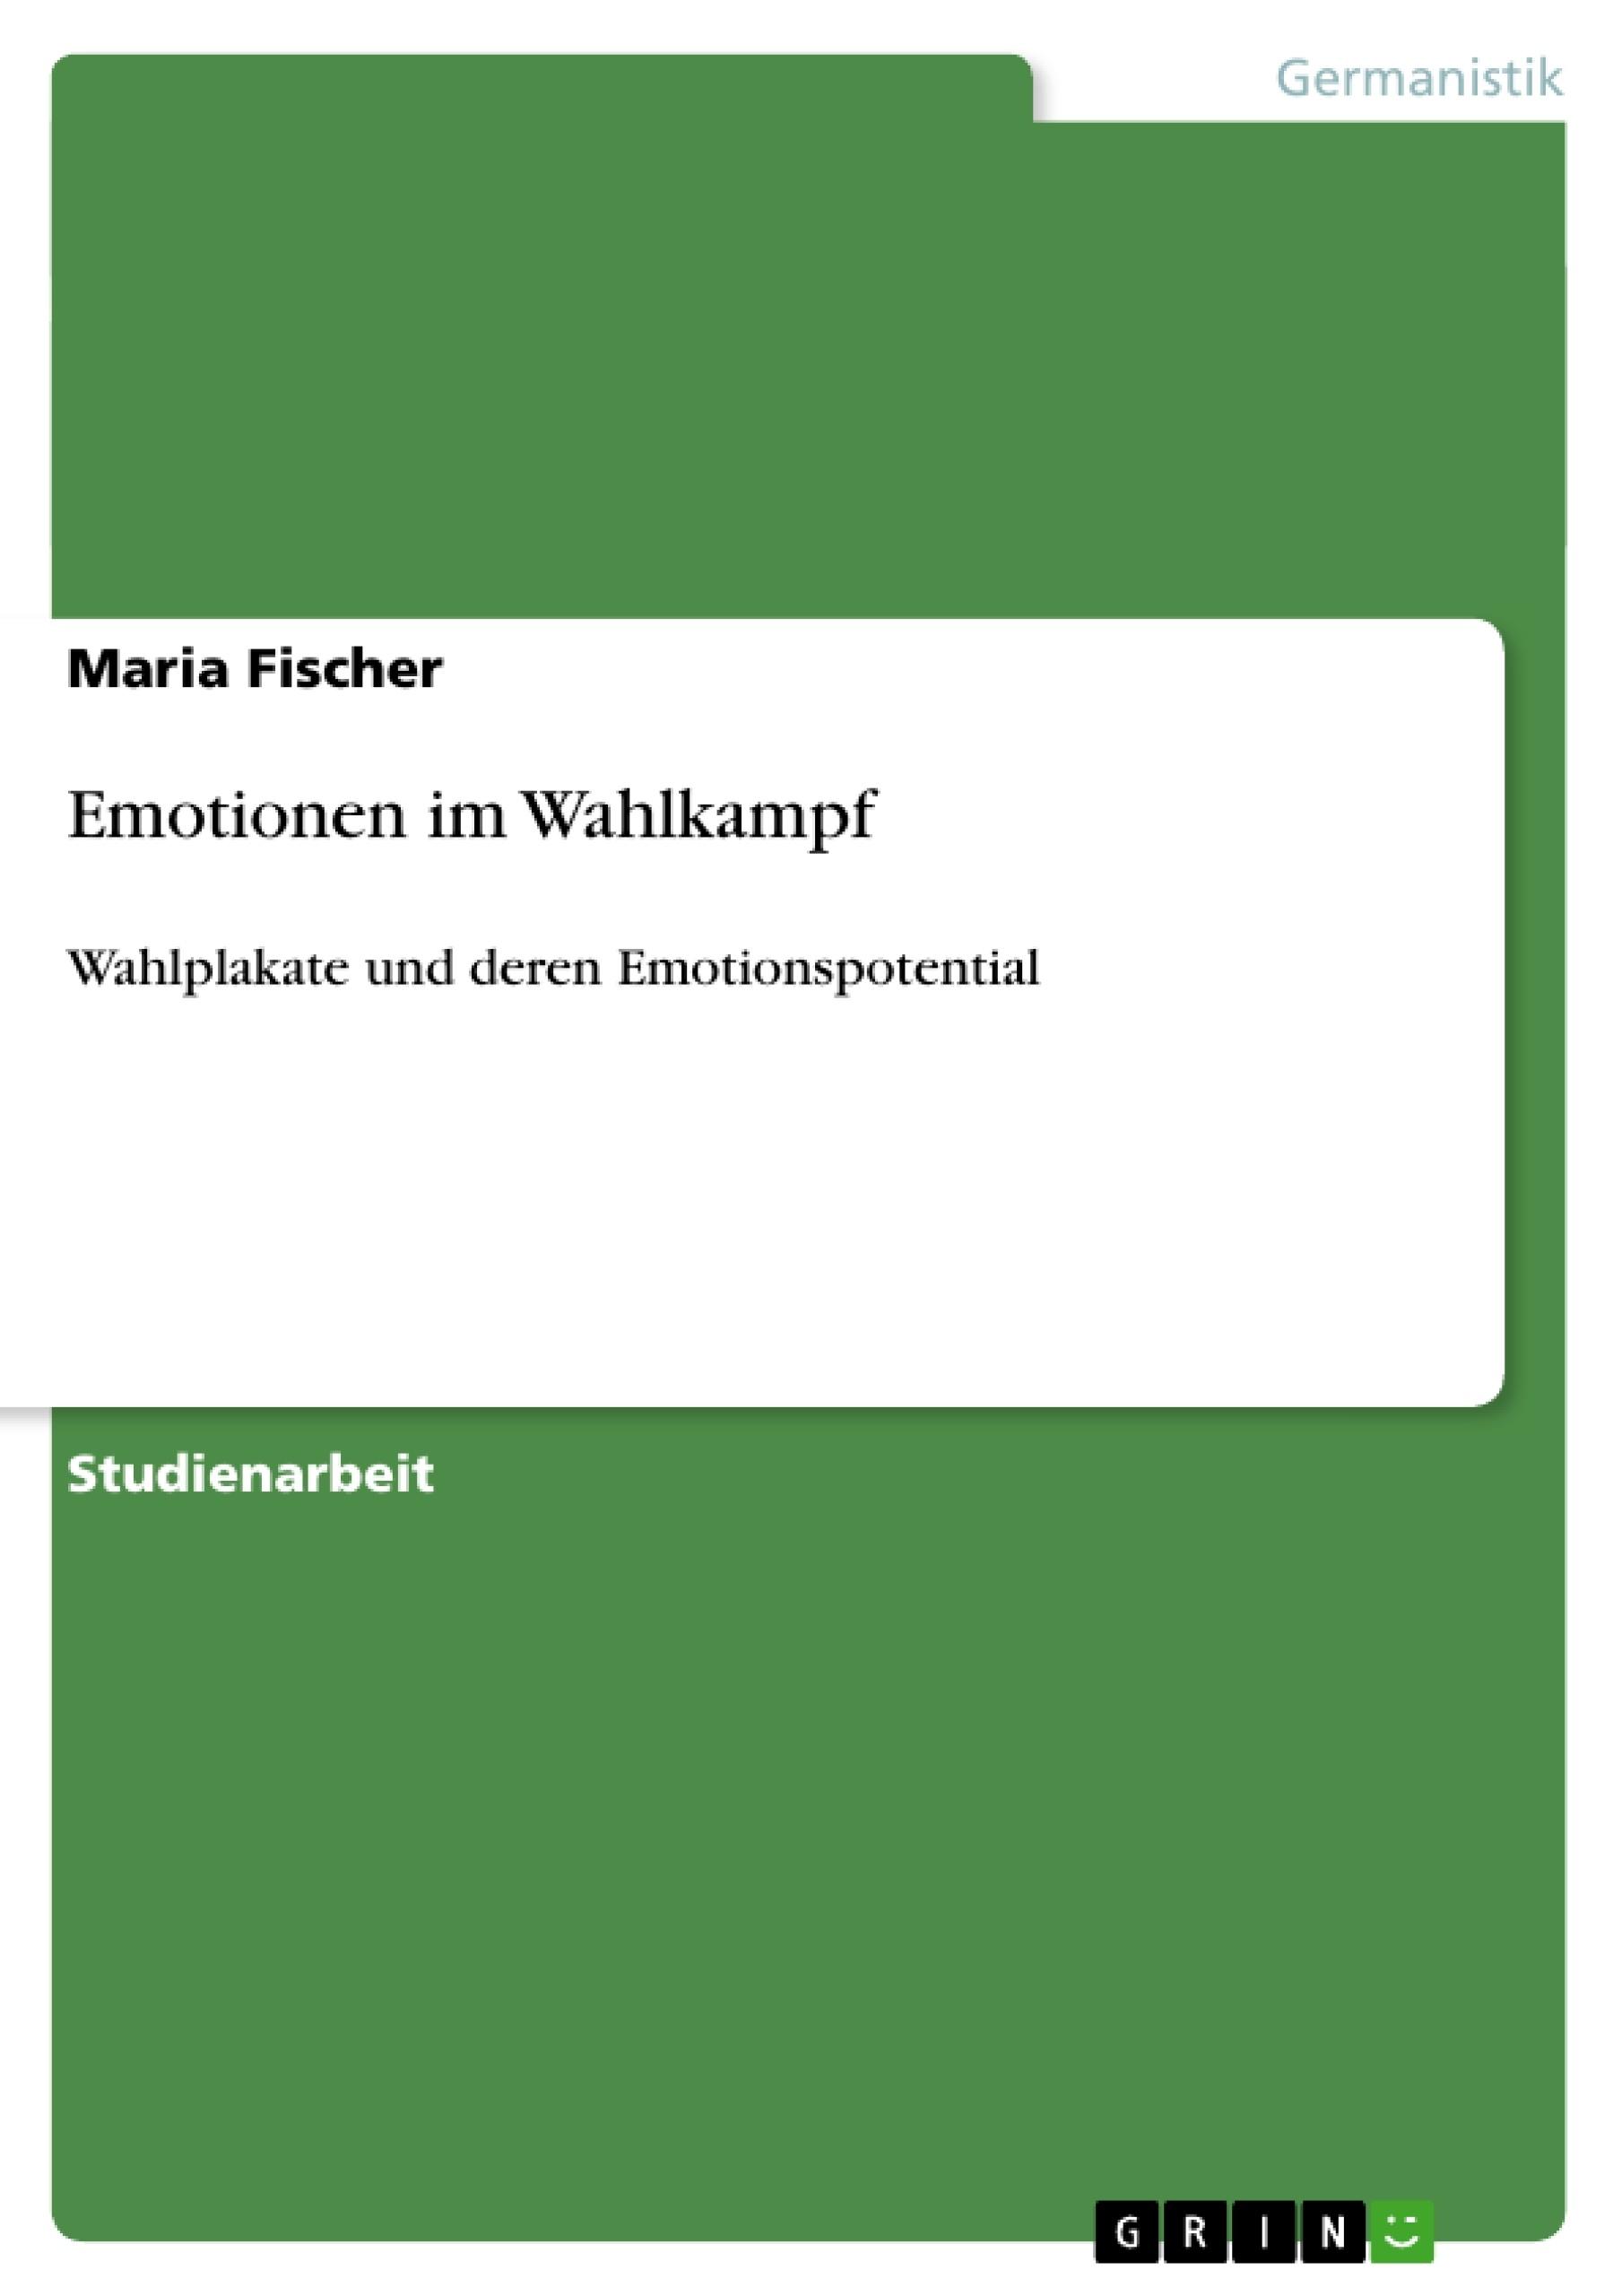 Titel: Emotionen im Wahlkampf